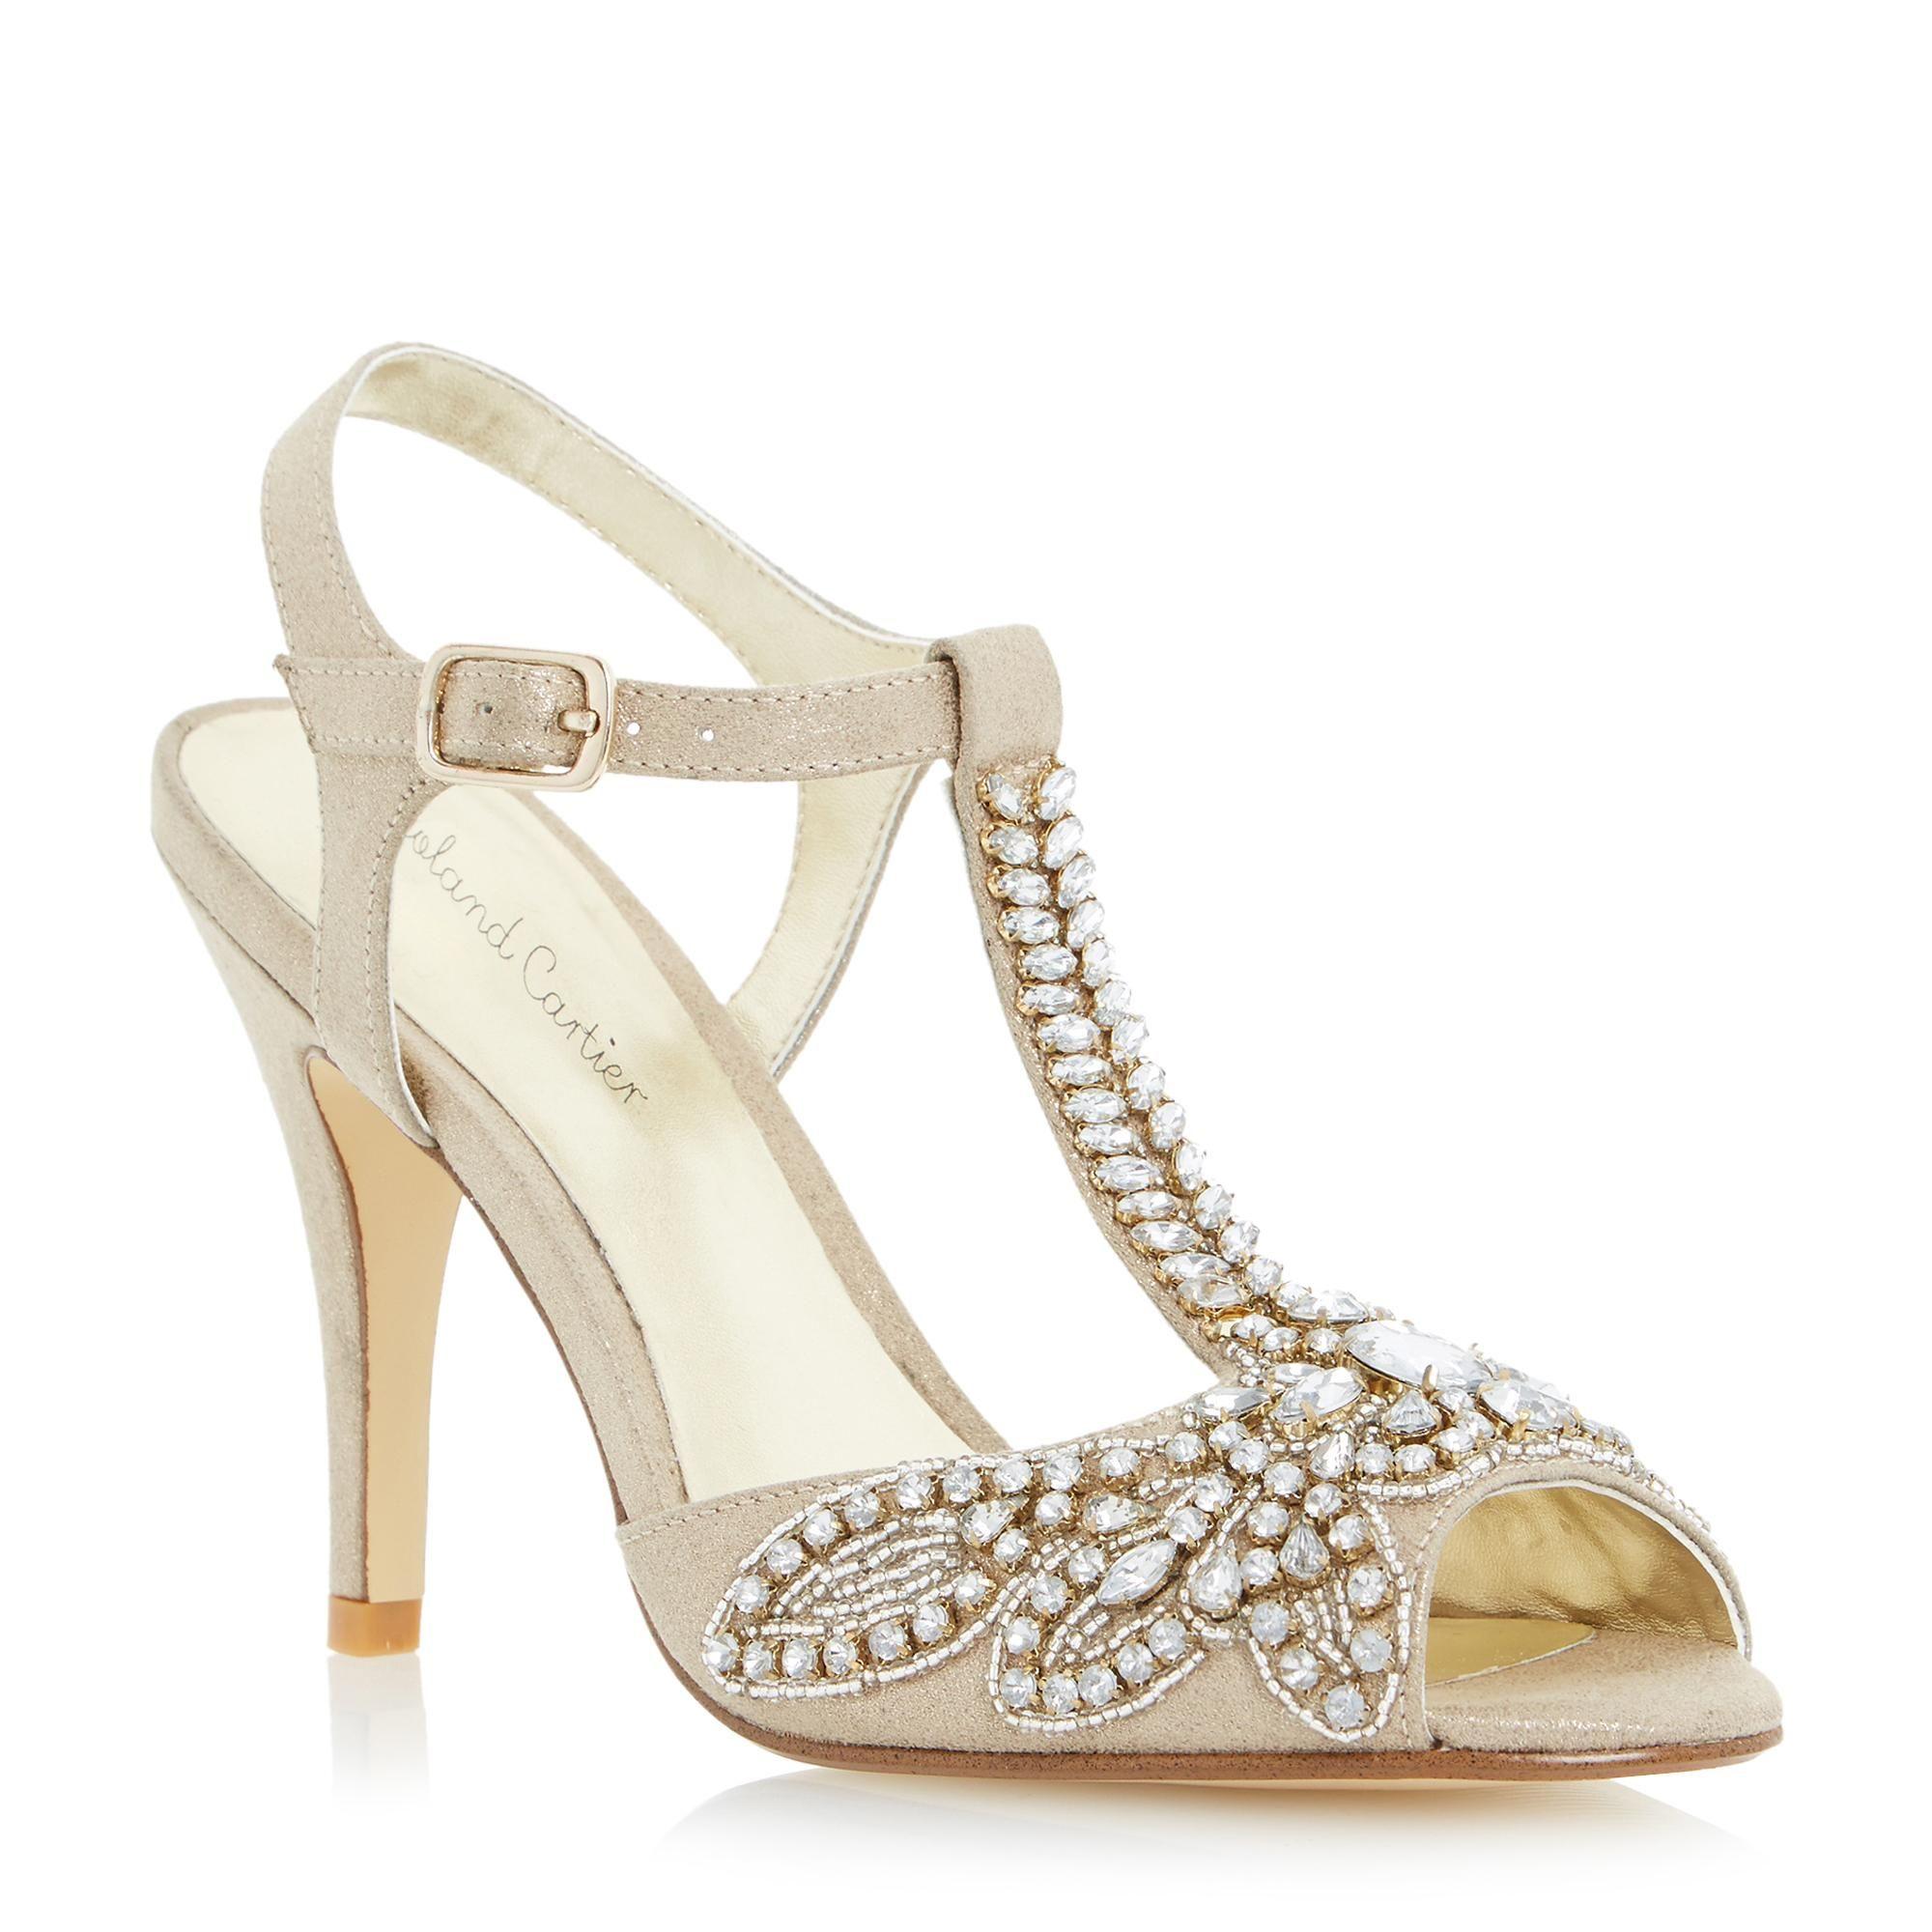 Women's High Heeled Sandals & Platforms